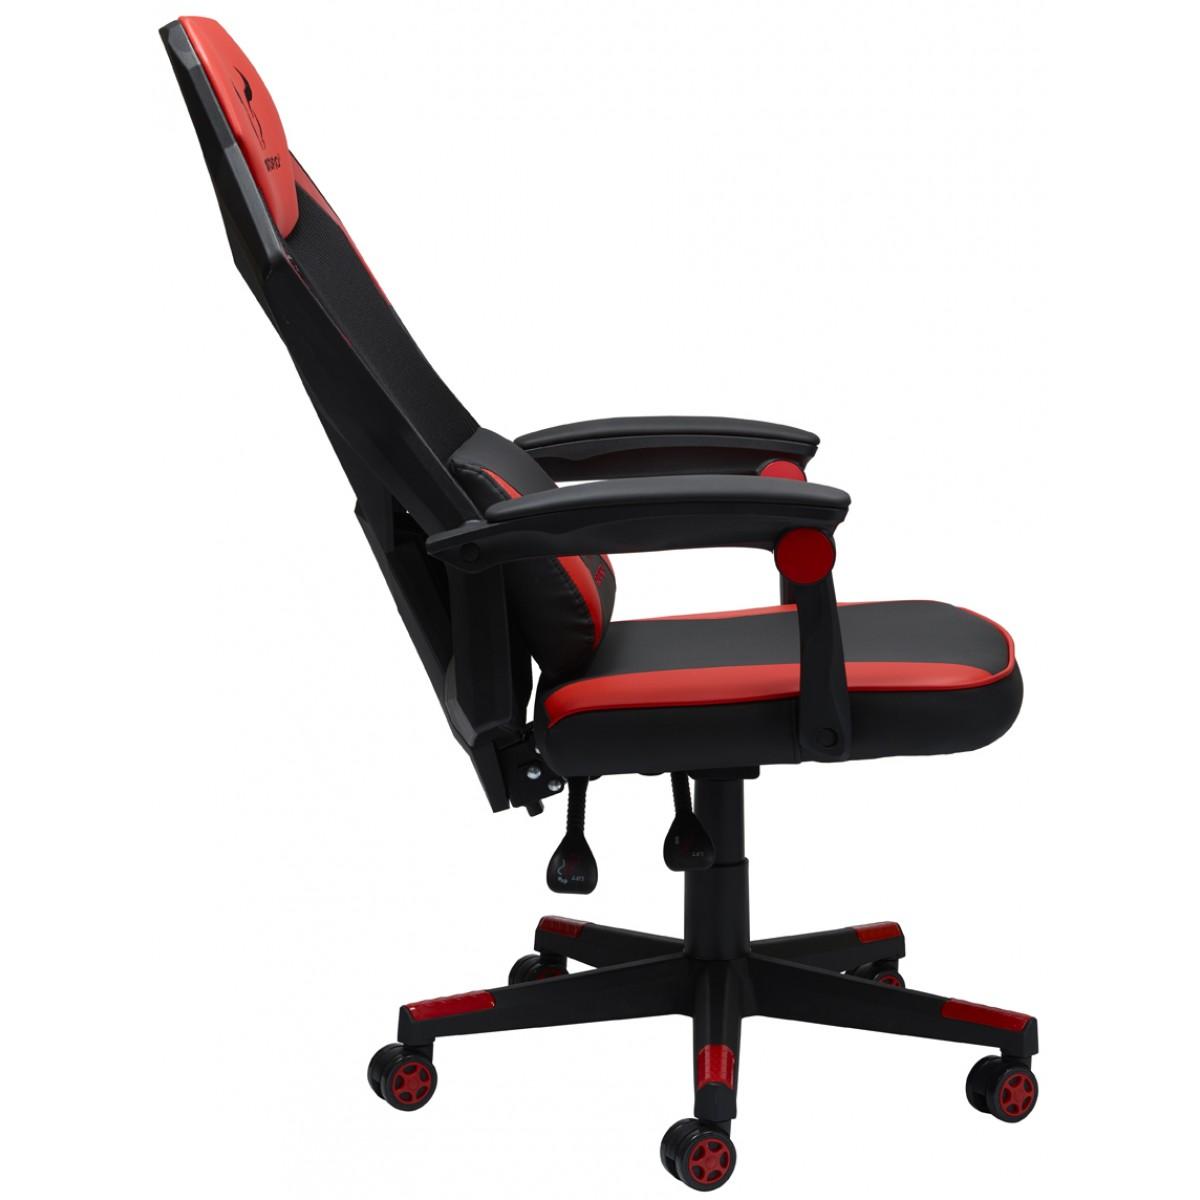 Cadeira Gamer Riotoro, Spitfire M1, Mesh, Reclinável, Black/Red, GC-10M1